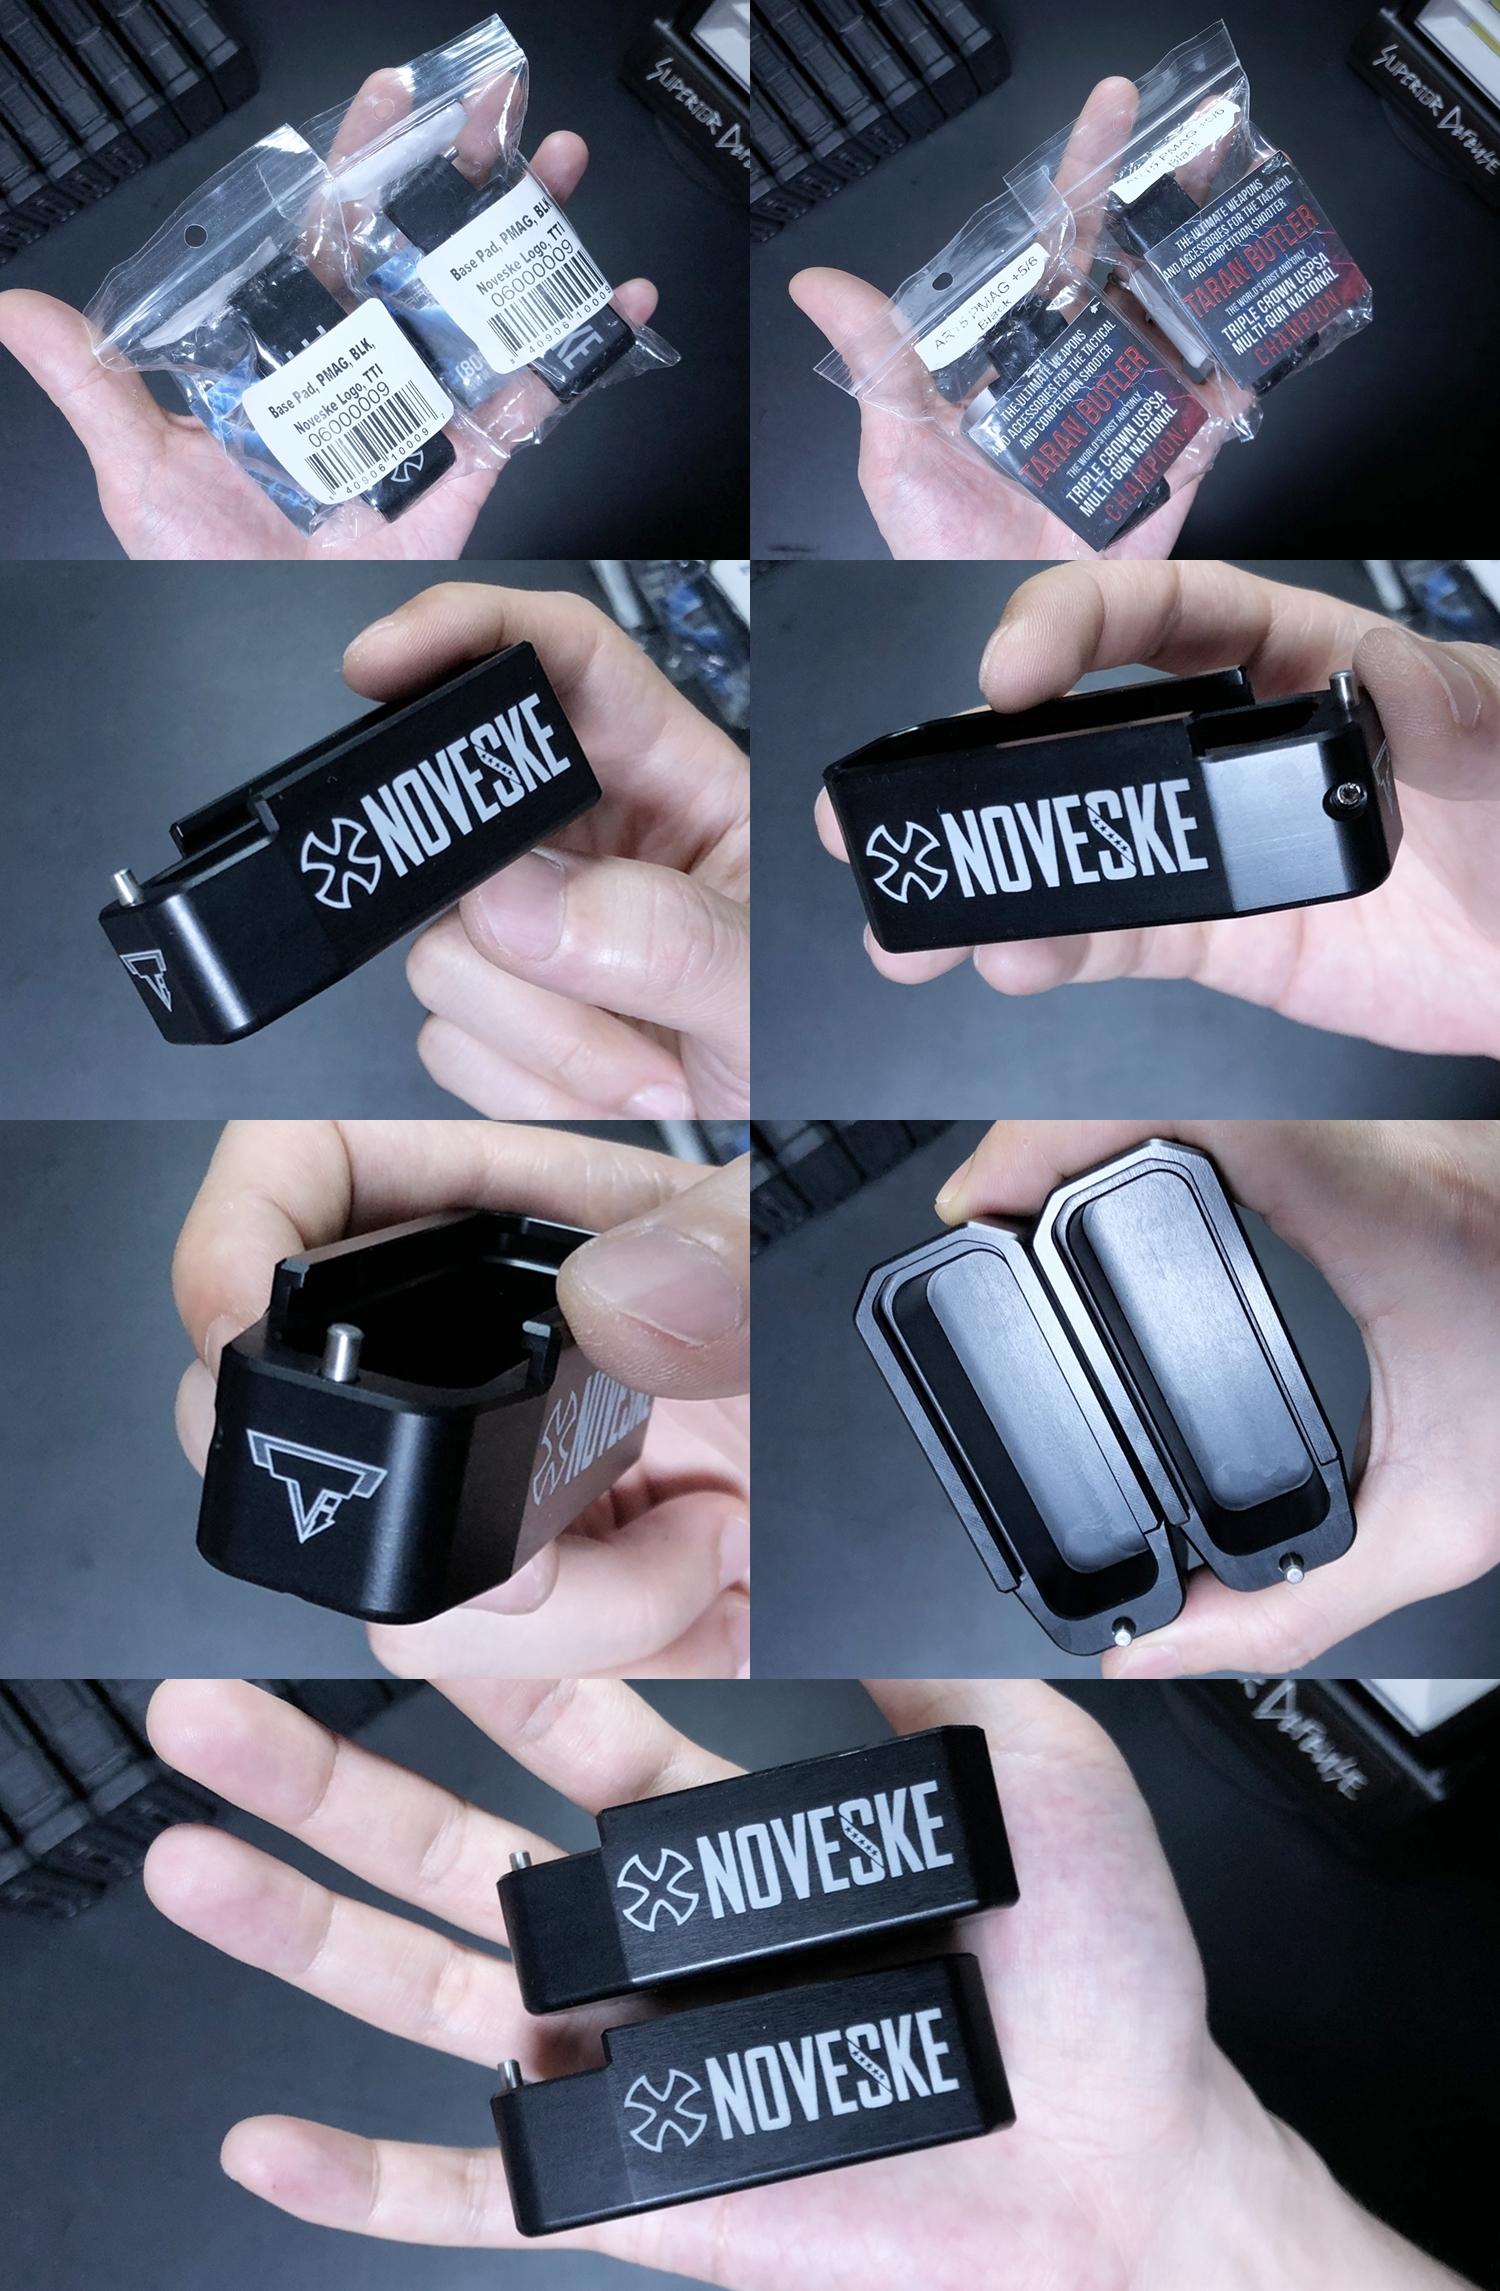 9 実物 NOVESKE TTI PMAG BASE PAD + STD M4 PMAG AMAG GEN3!! DIY HILOG ORIGINAL TTI INNER BASE PAD!! 部品作製 加工 取付 レビュー!!